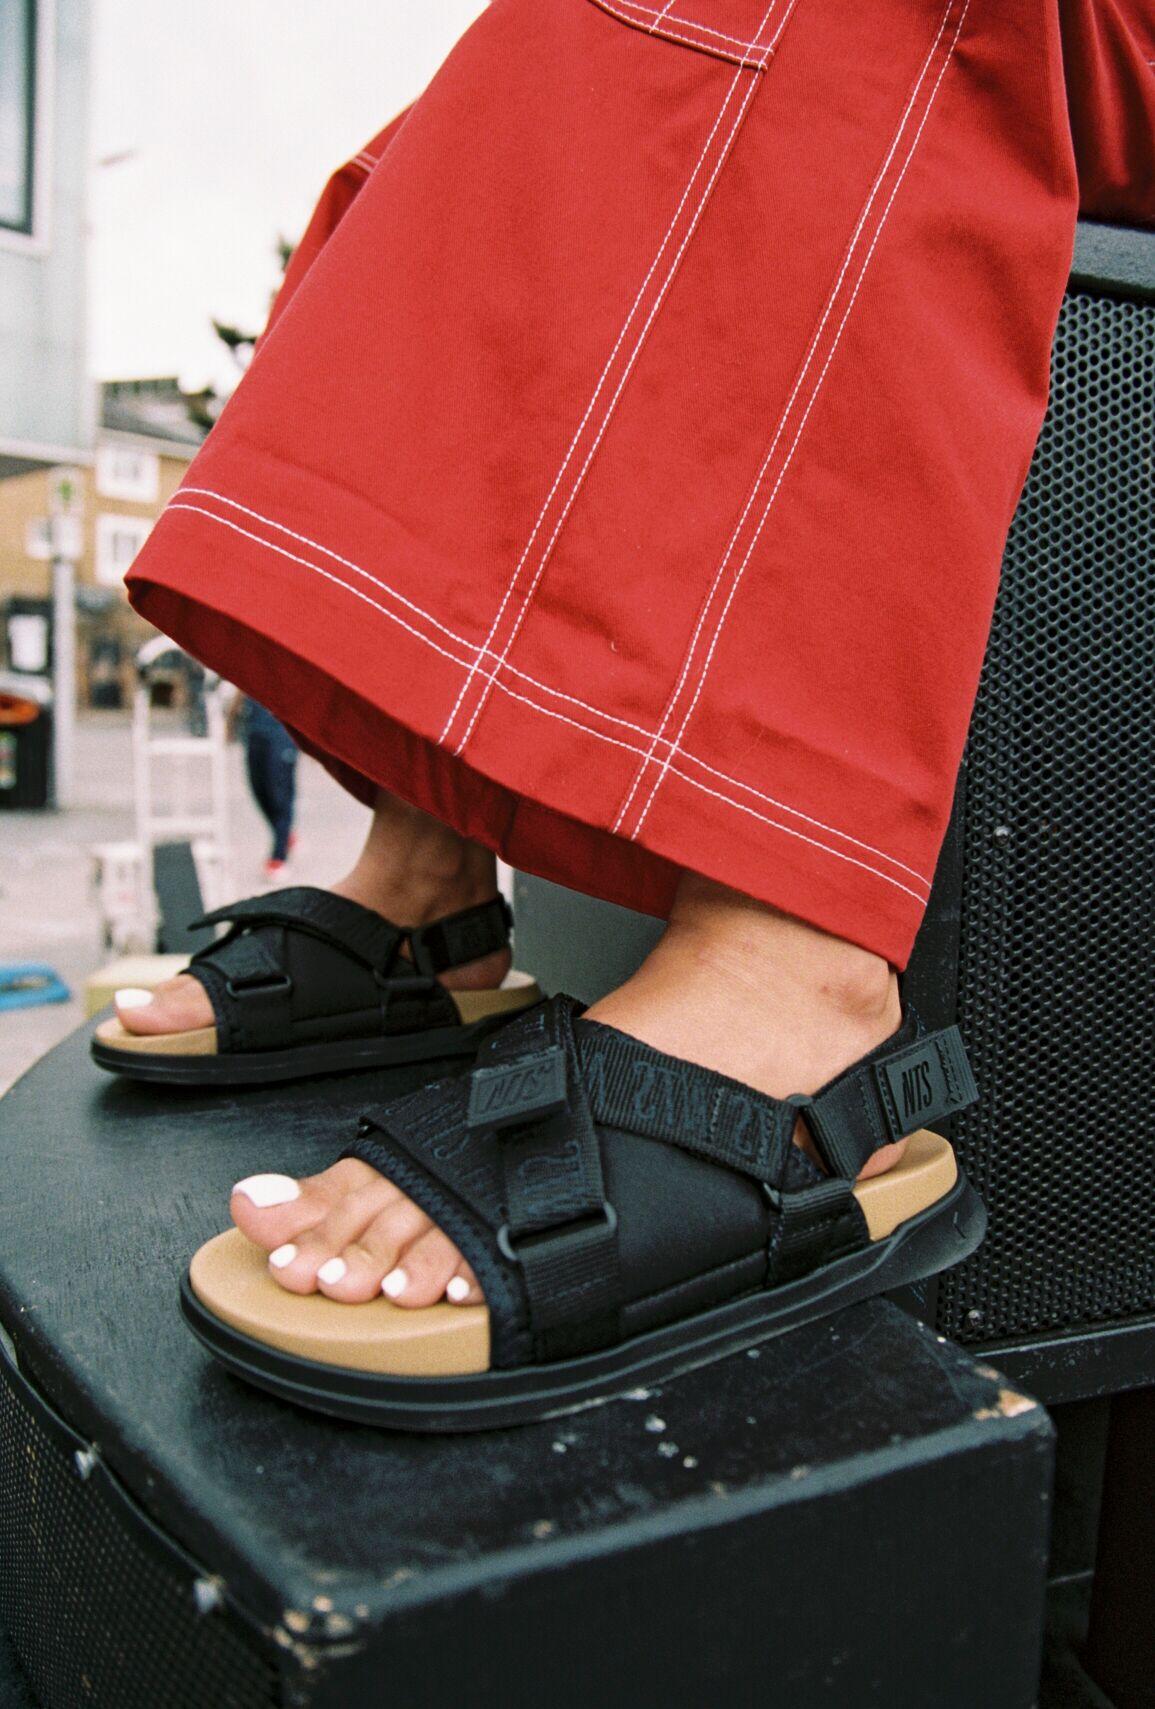 Rider Next Sandals